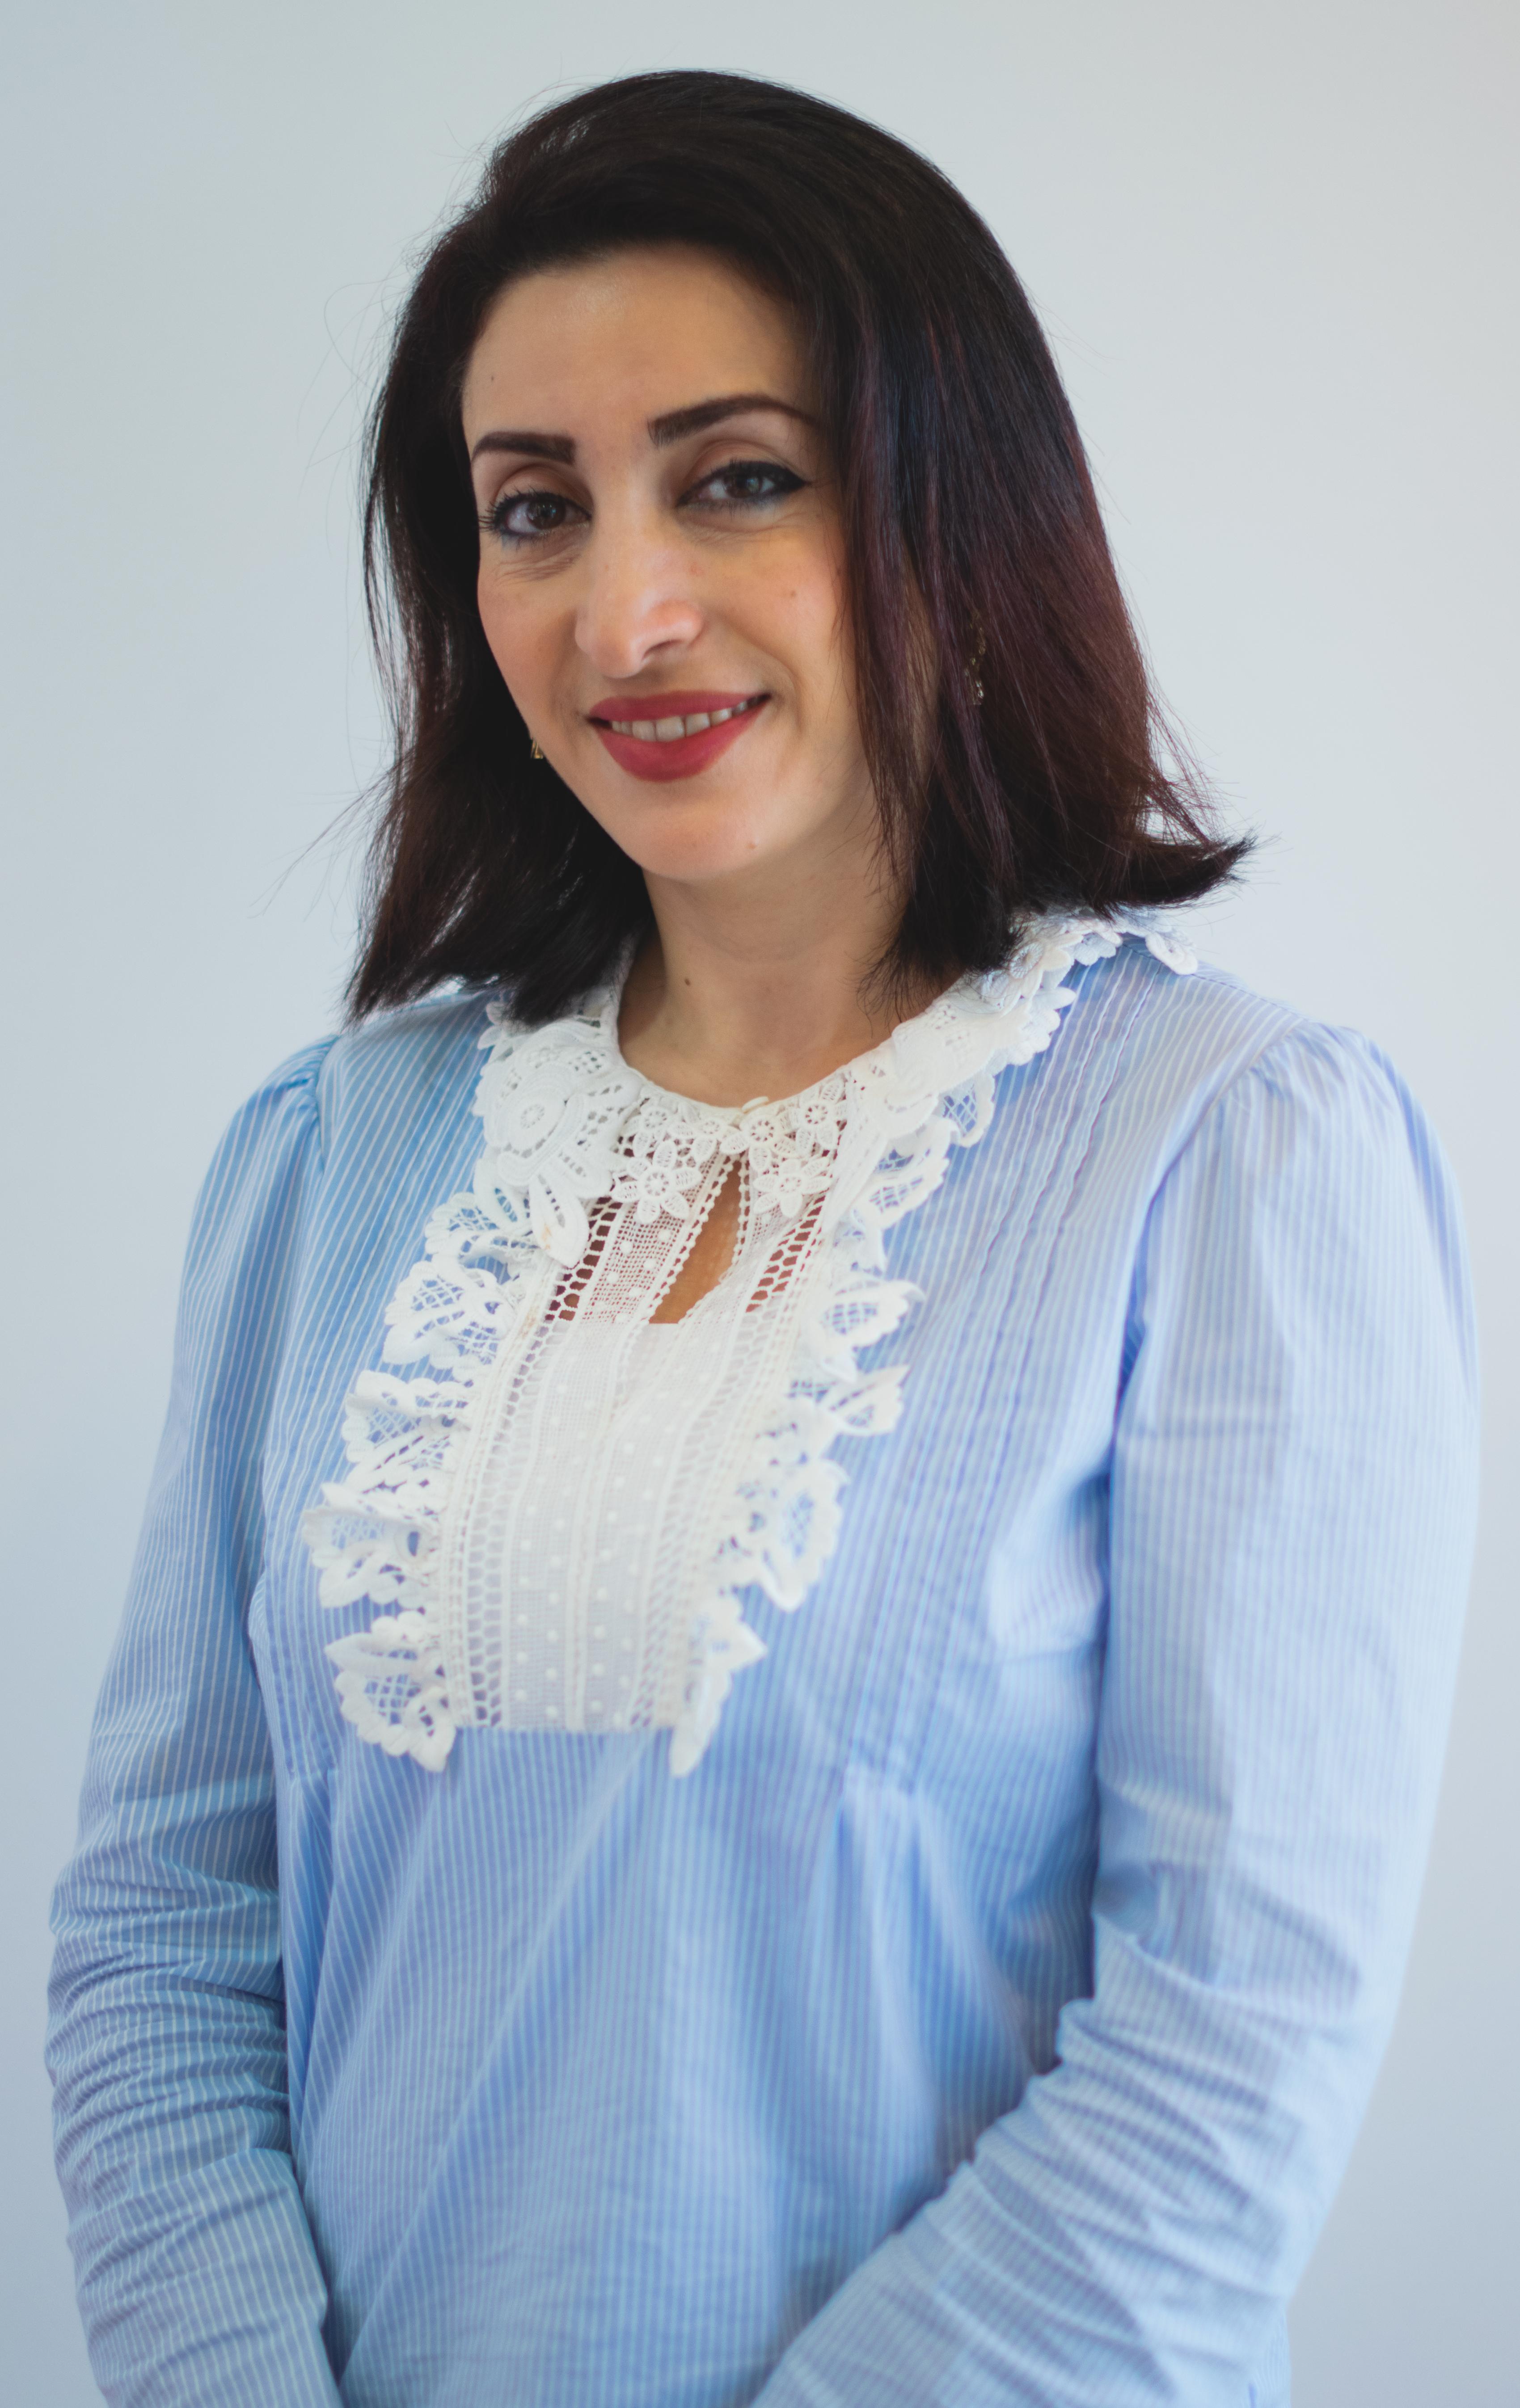 Eng. Deema Al-Akhras